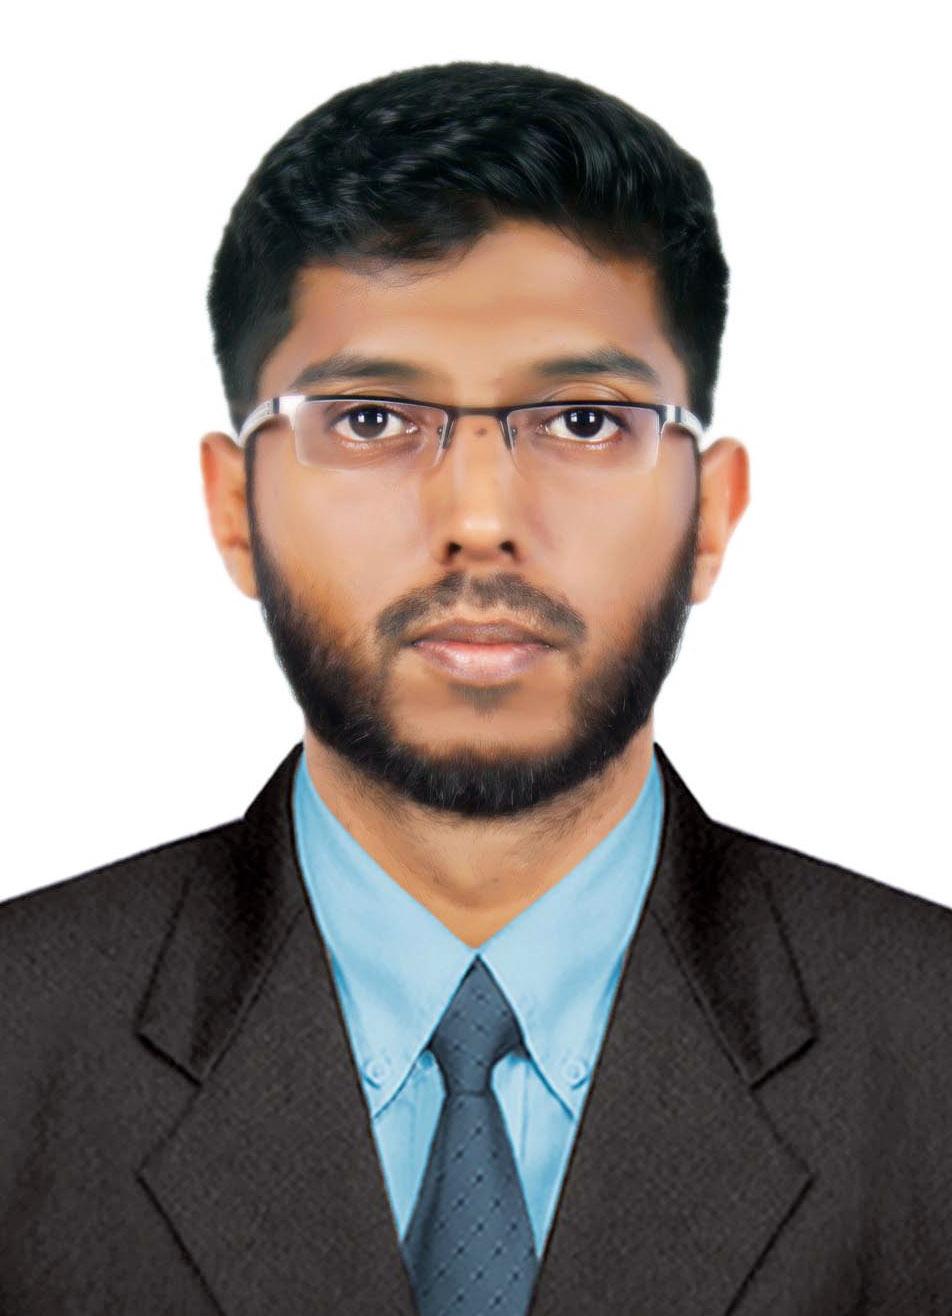 Photo of Mohammad Shahid